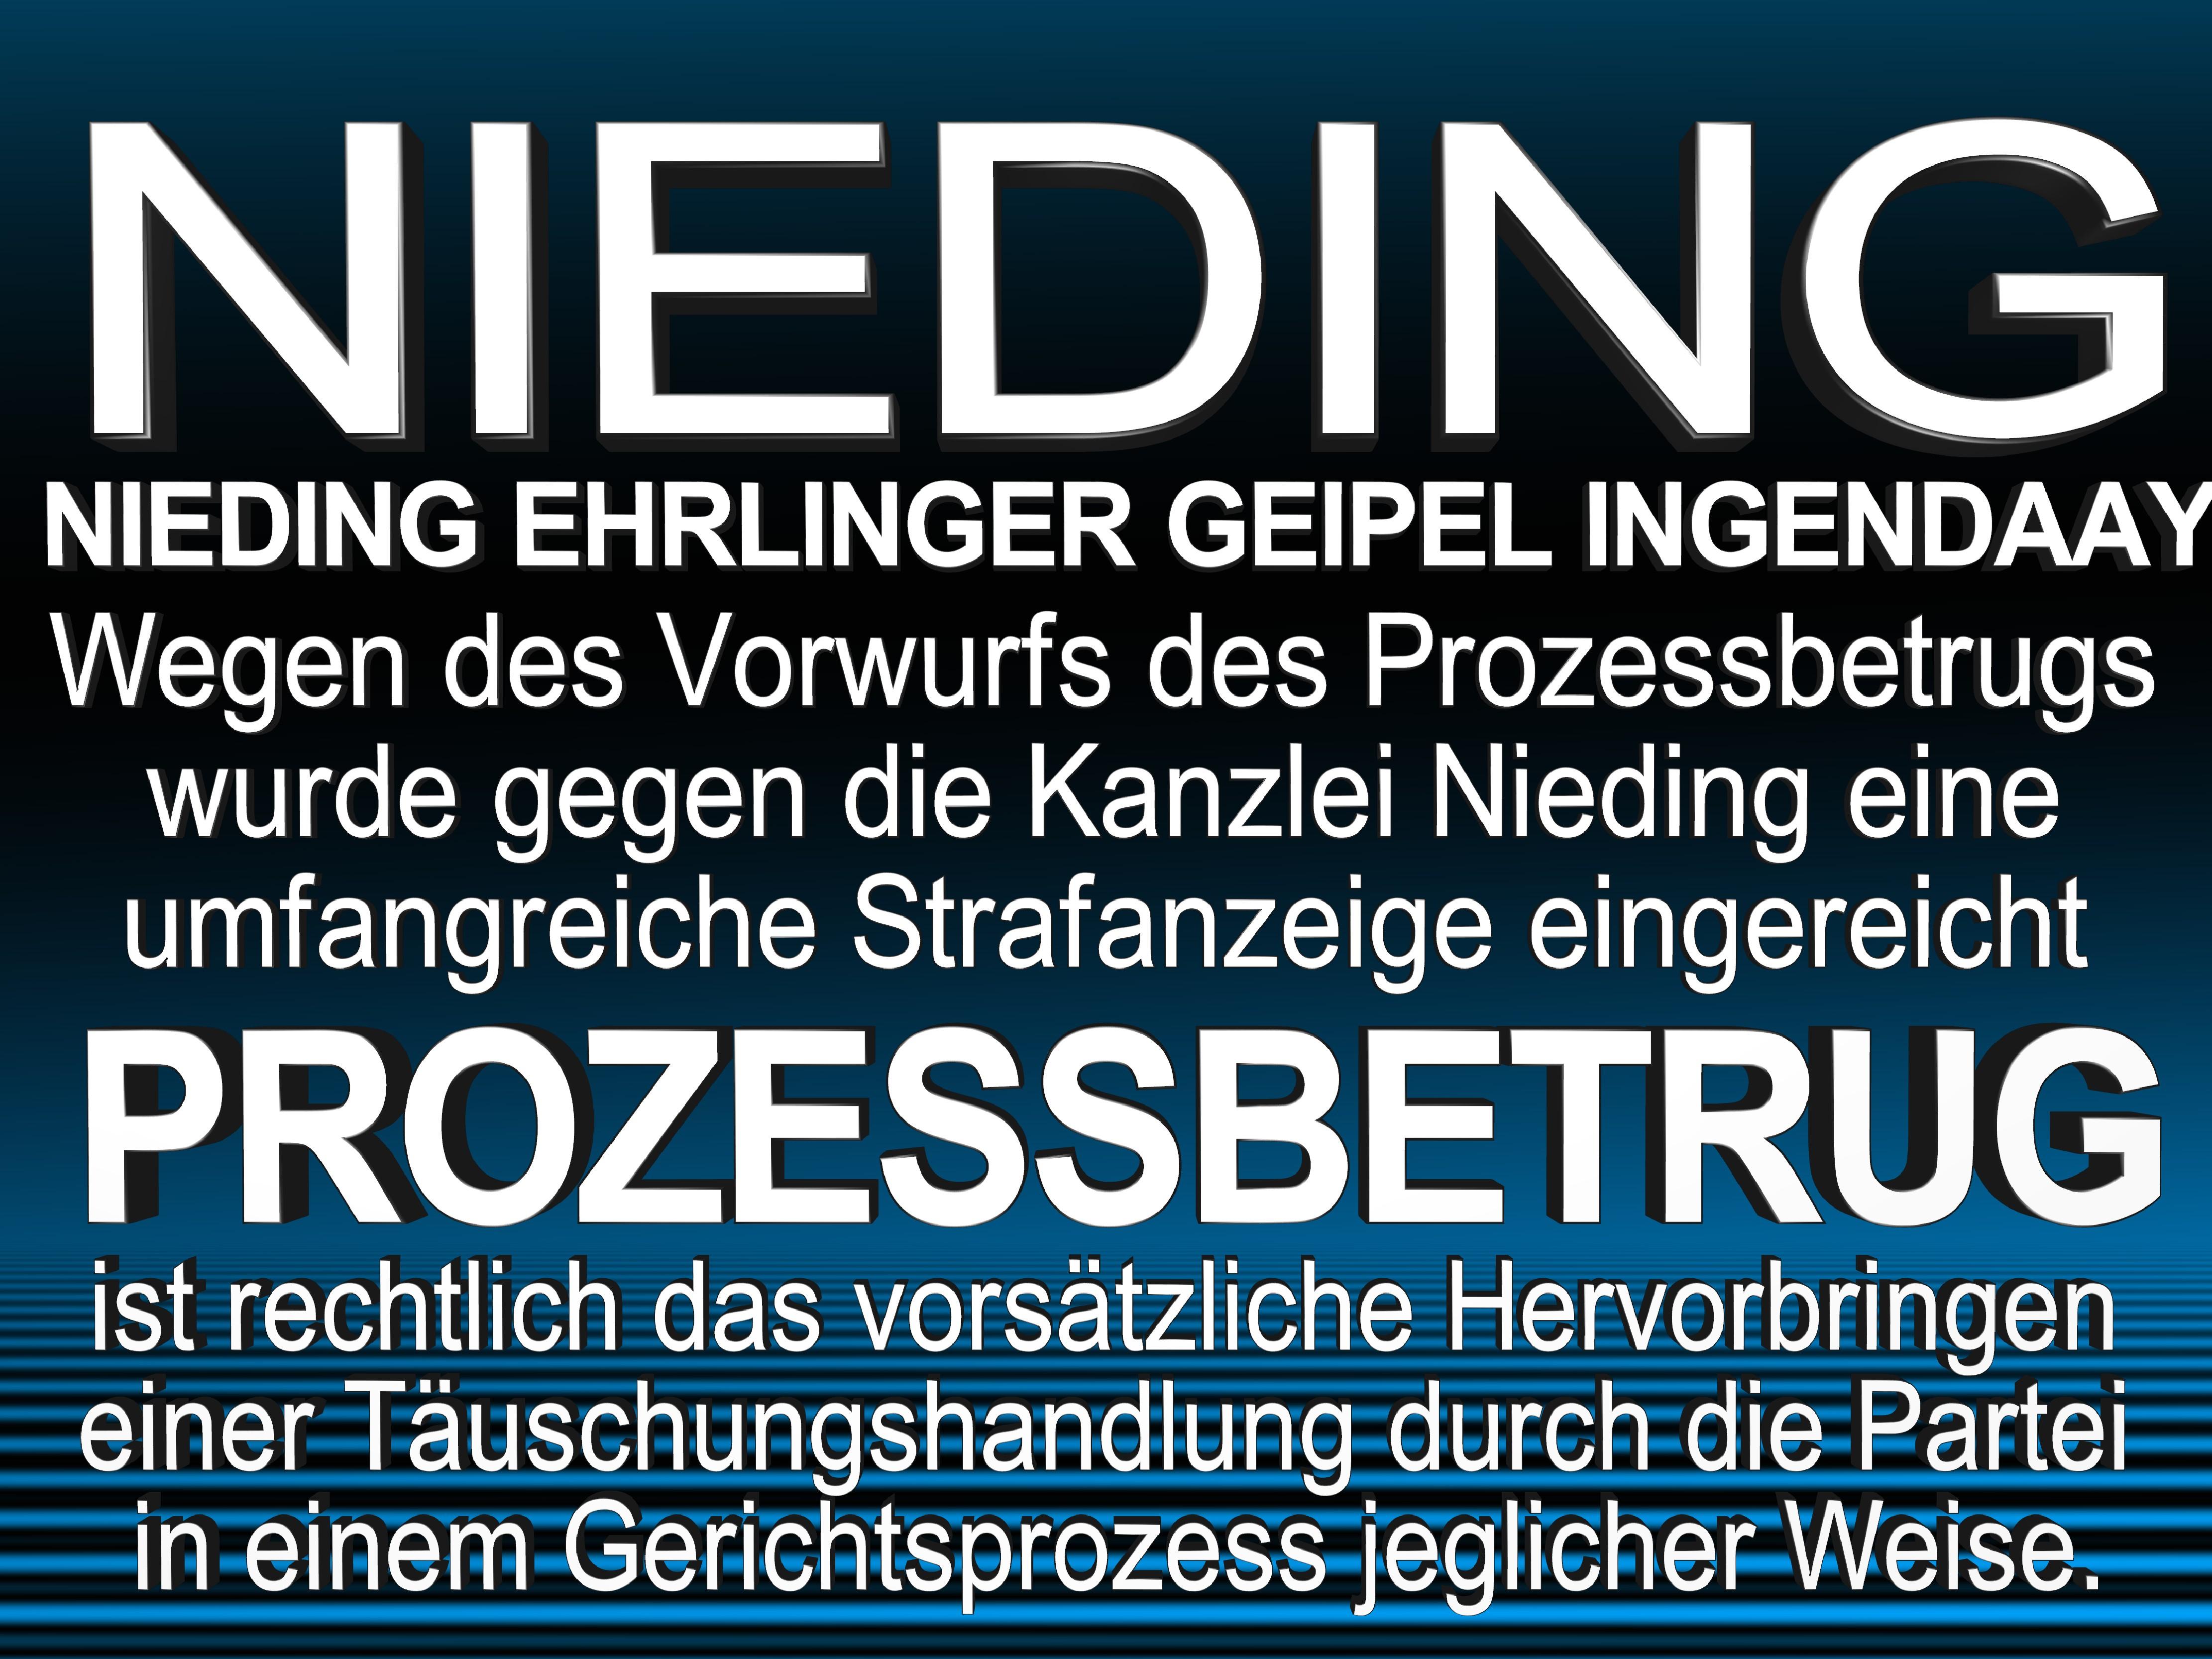 NIEDING EHRLINGER GEIPEL INGENDAAY LELKE Kurfürstendamm 66 Berlin (122)